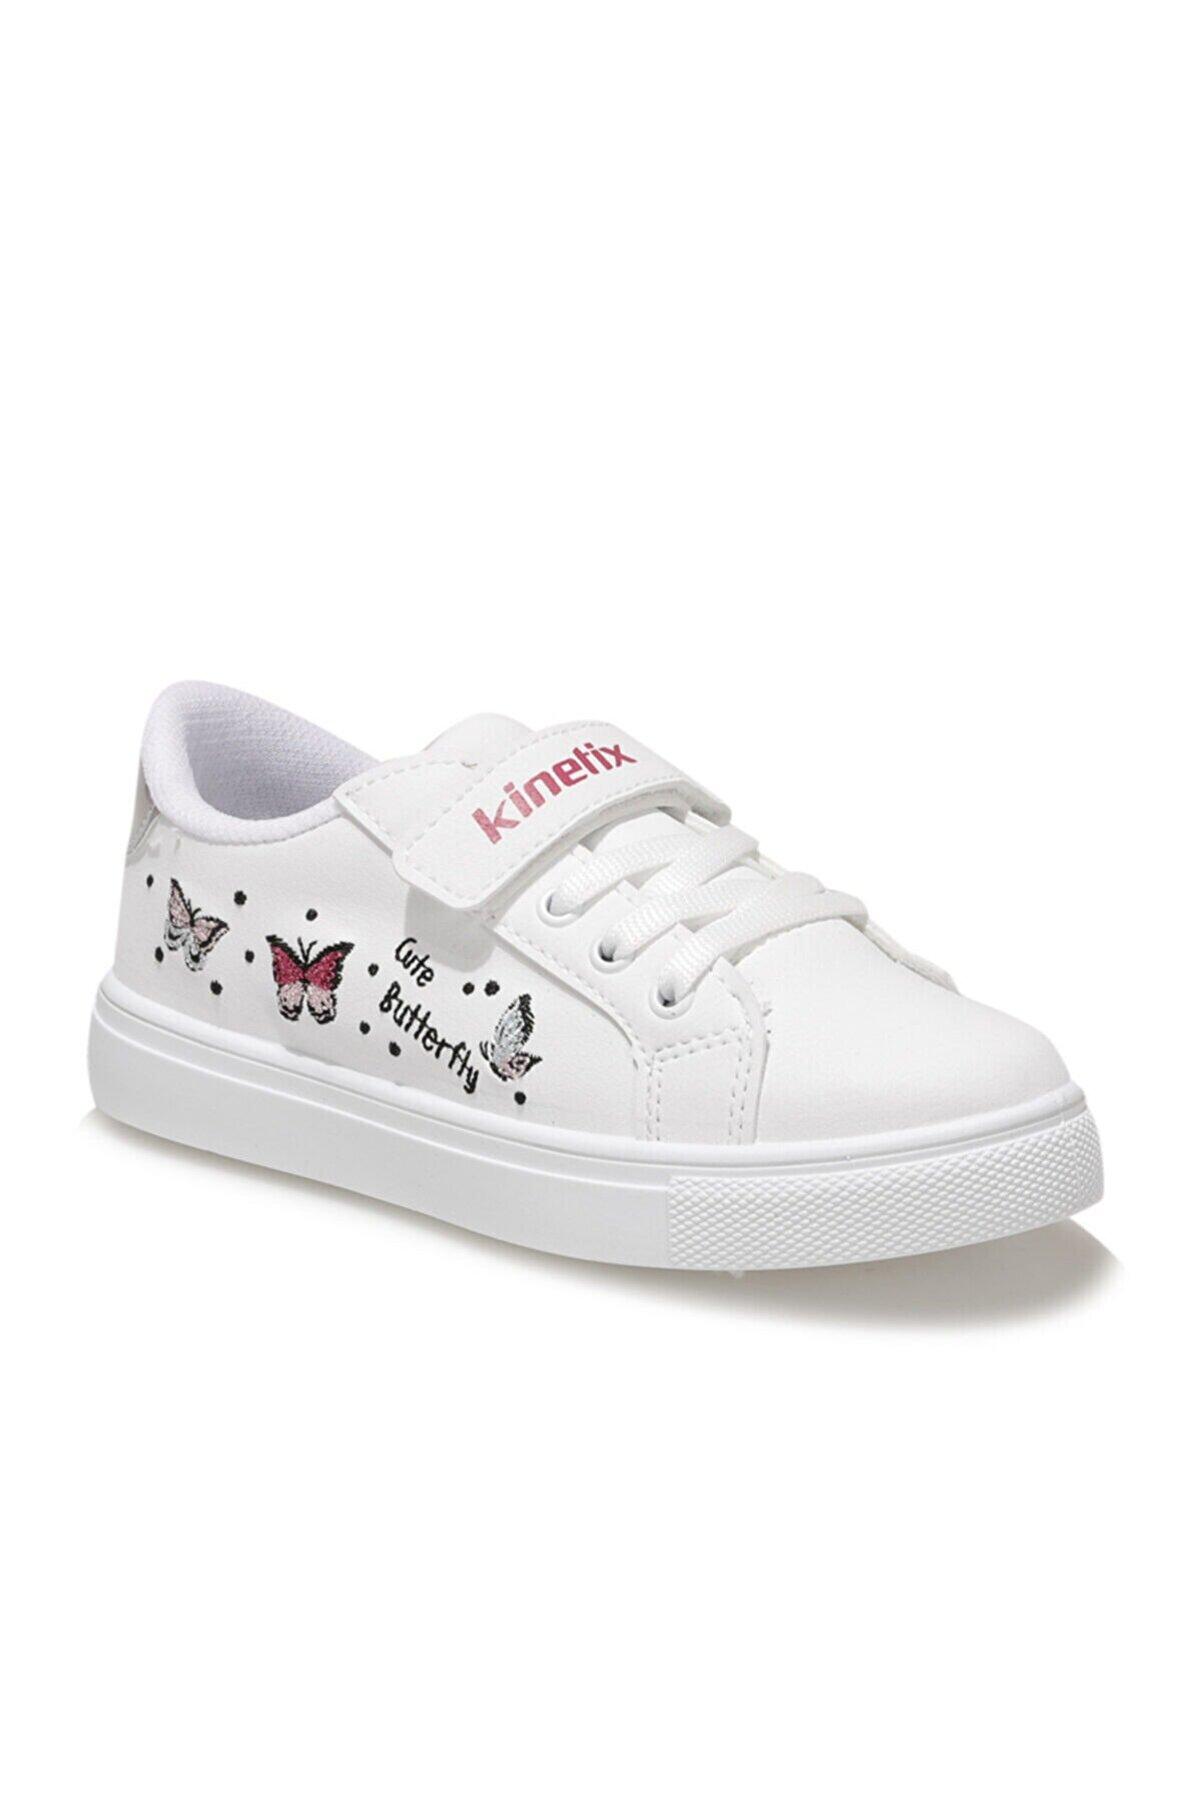 Kinetix Ganj X 1fx Beyaz Kız Çocuk Sneaker Ayakkabı